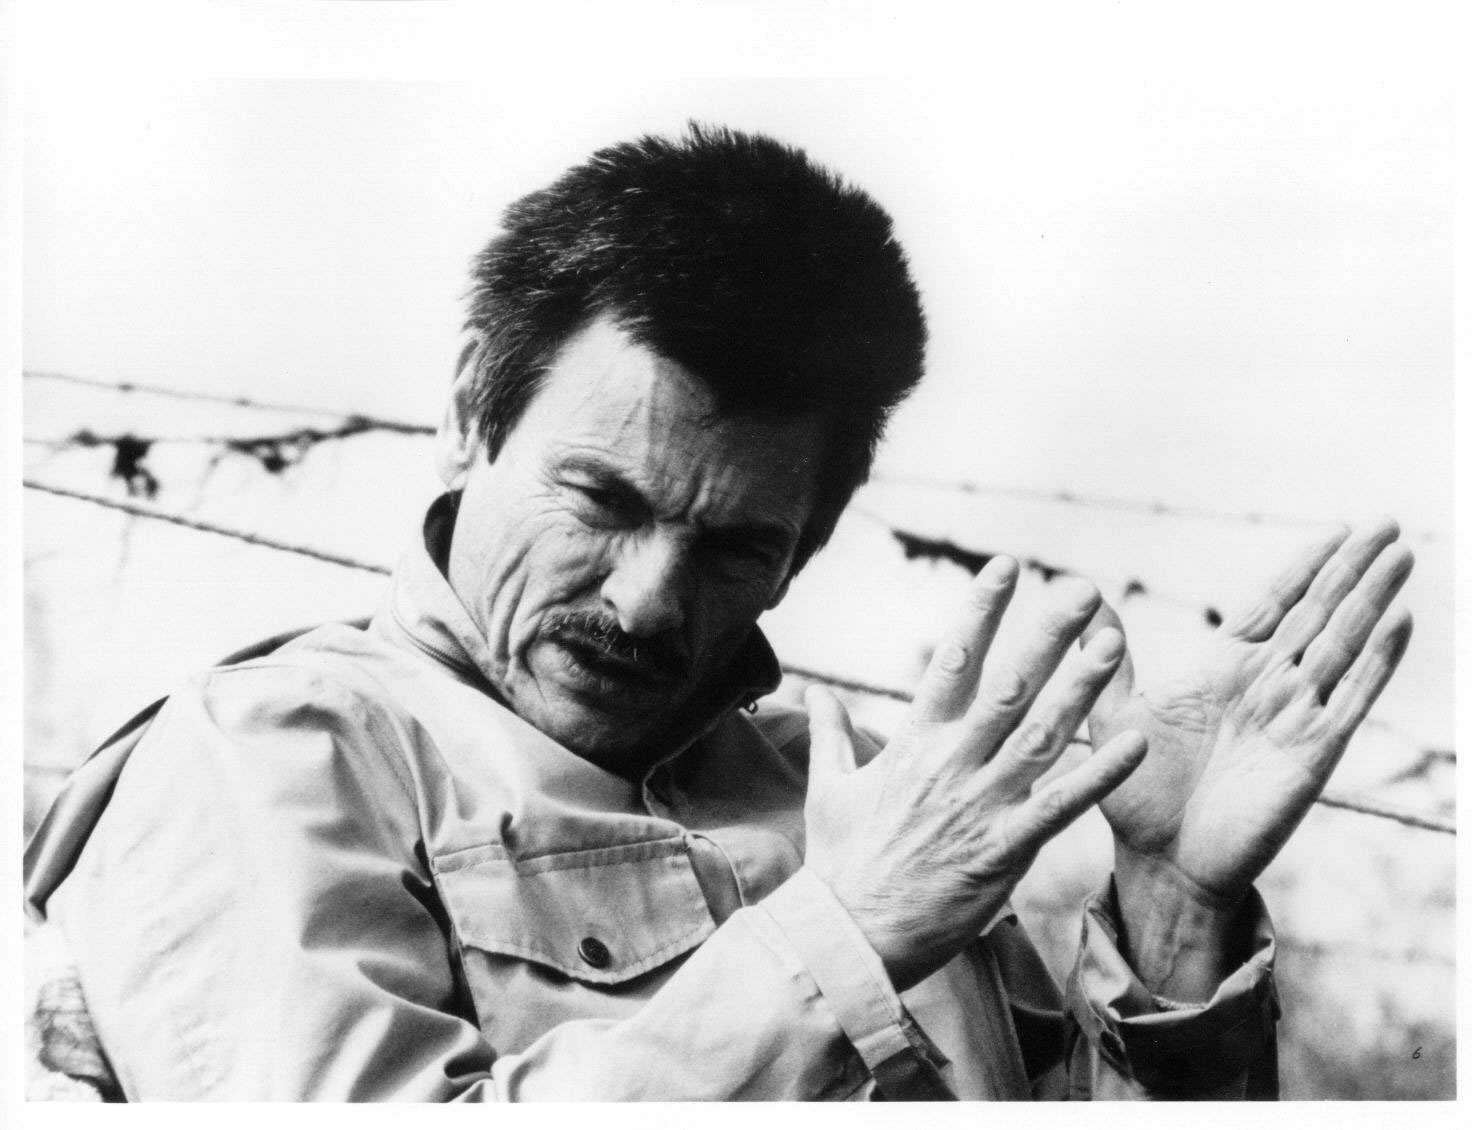 Αντρέι Ταρκόφσκι